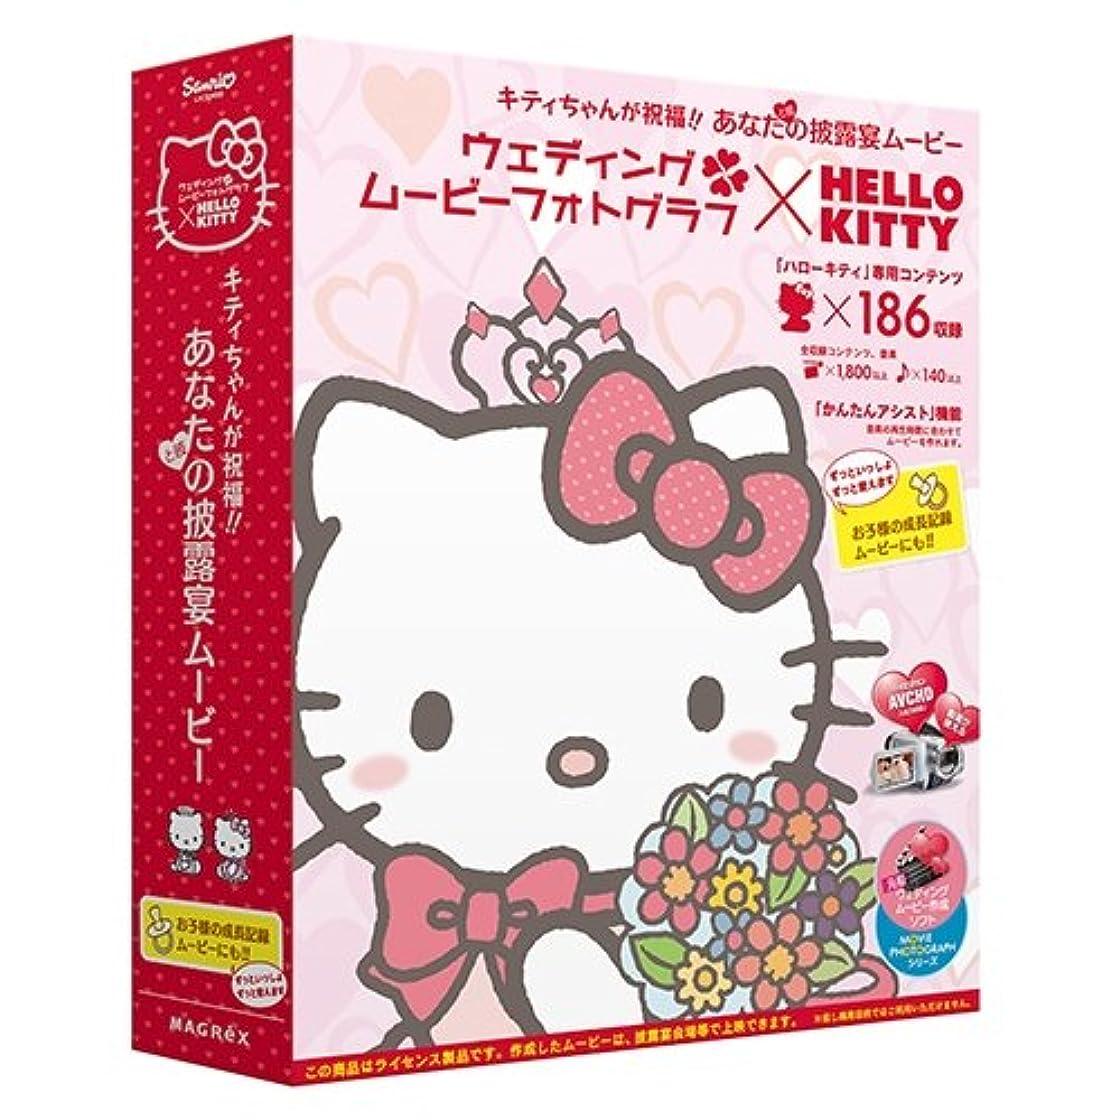 遵守する取り壊すカスタムマグレックス Wedding MOVIE PHOTOGRAPH × Hello Kitty